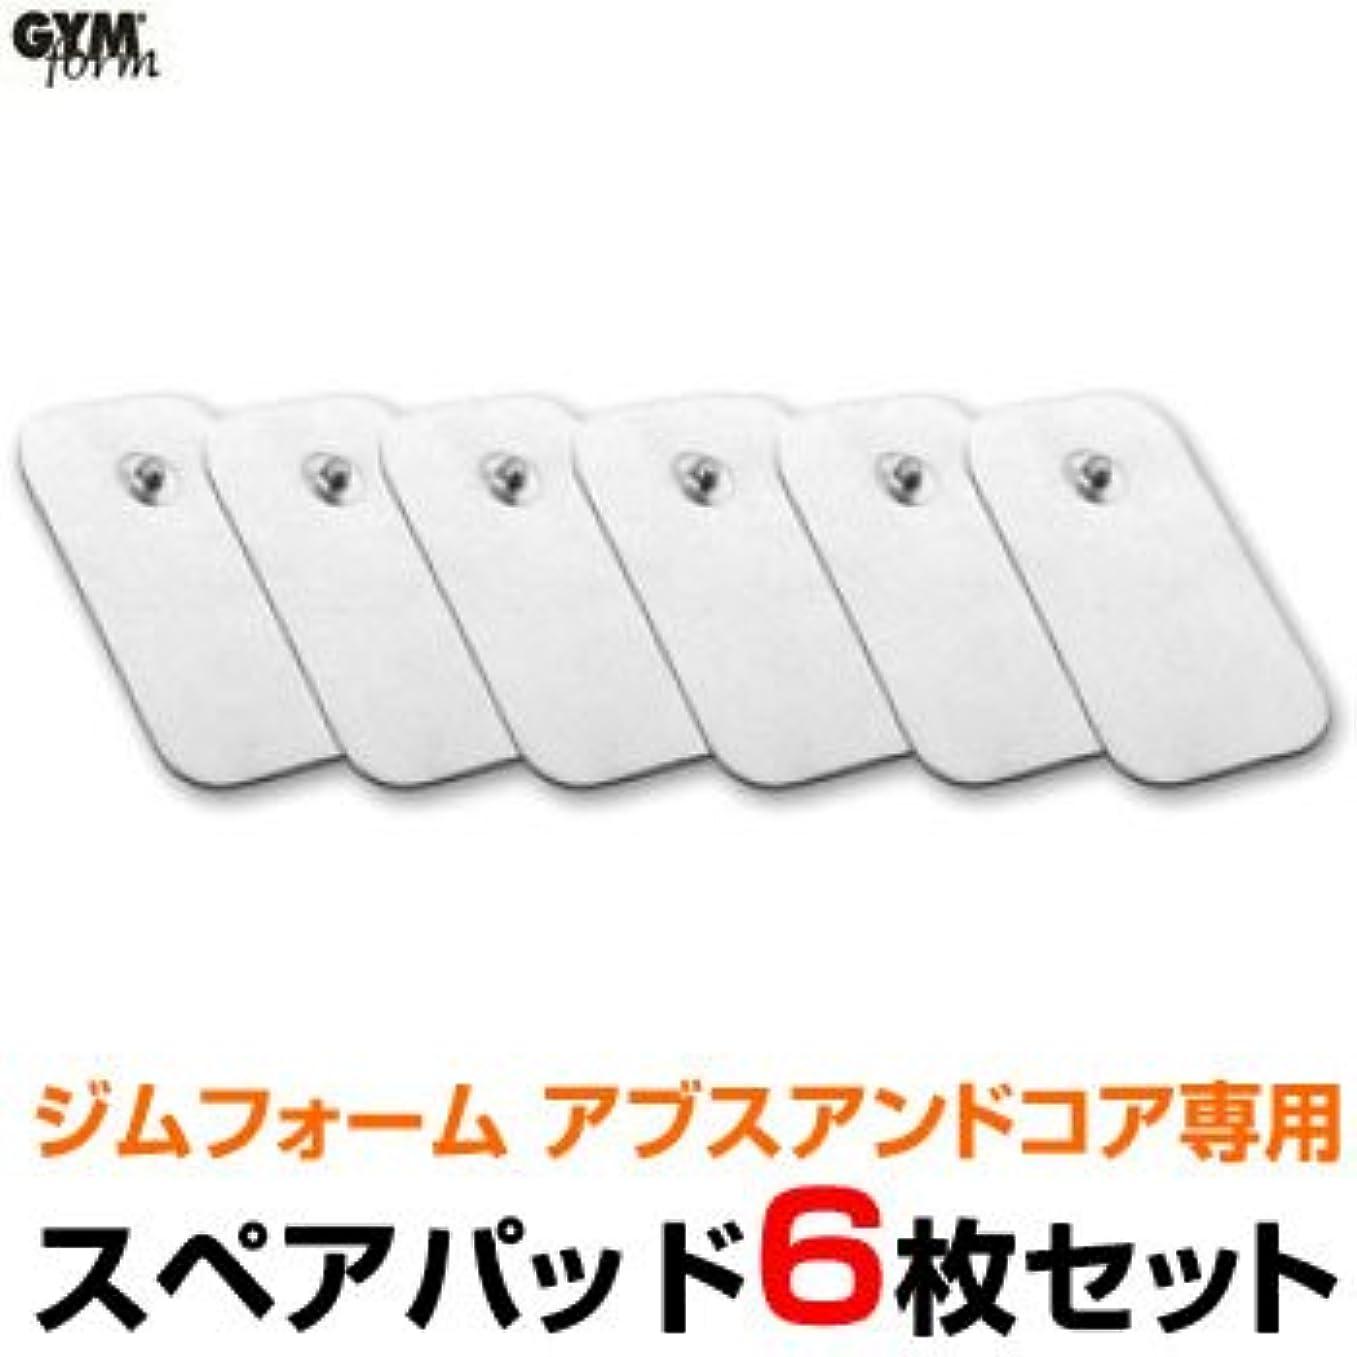 楽観イソギンチャクけん引ジムフォーム アブス&コア専用スペアパッド(GYMform ABS&CORE)6枚セット